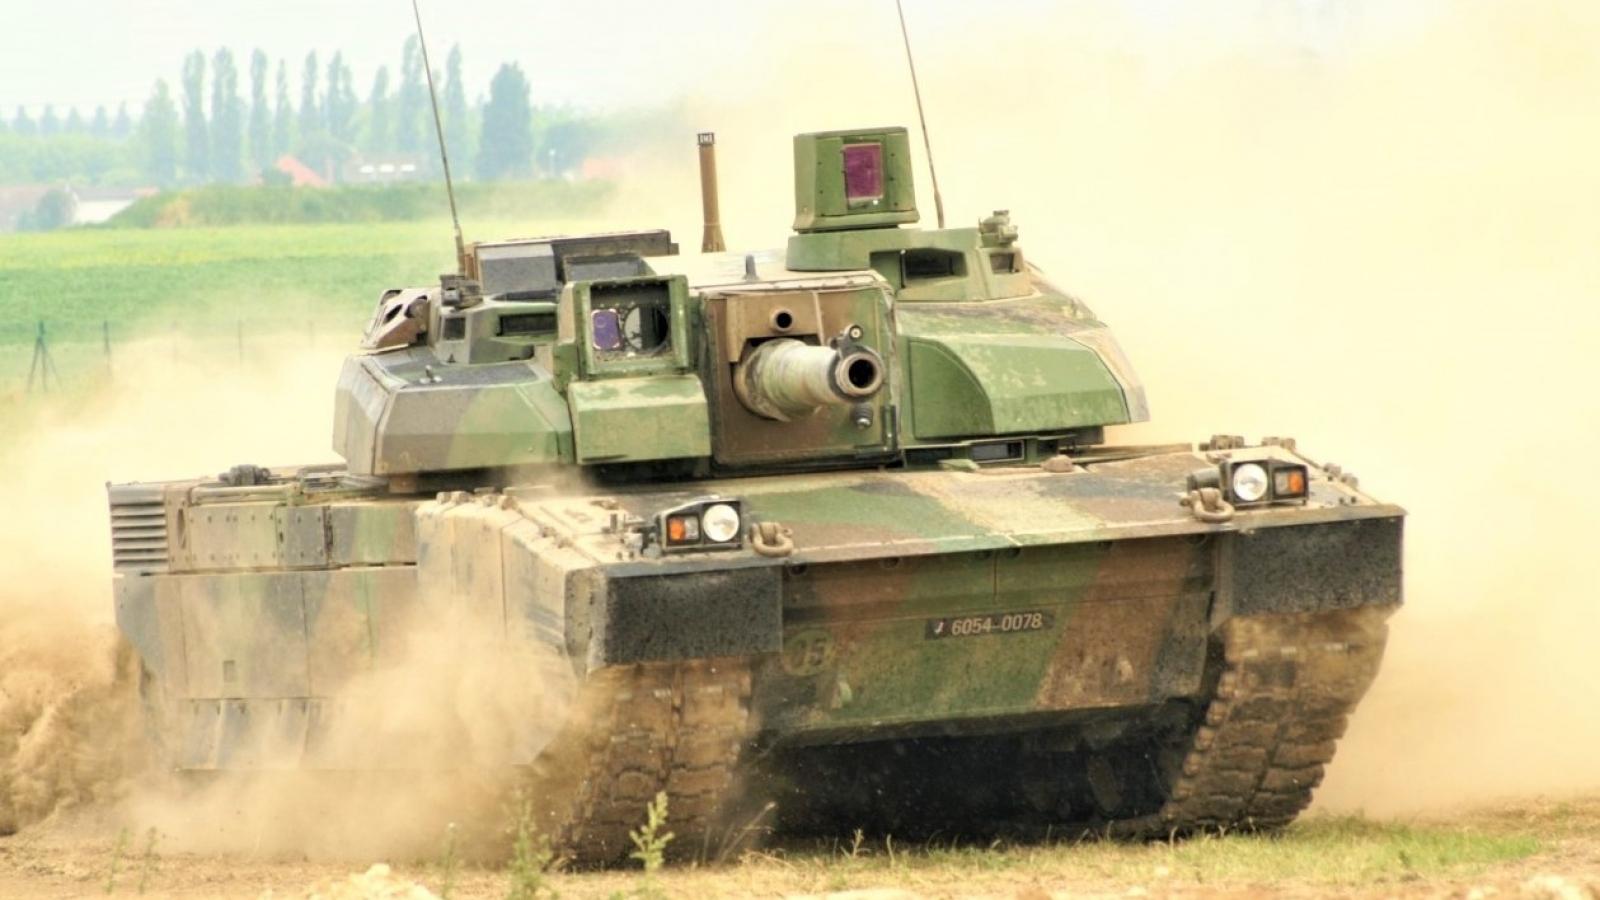 Xe tăng Leclerc của Pháp được hiện đại hóa theo hướng nào?